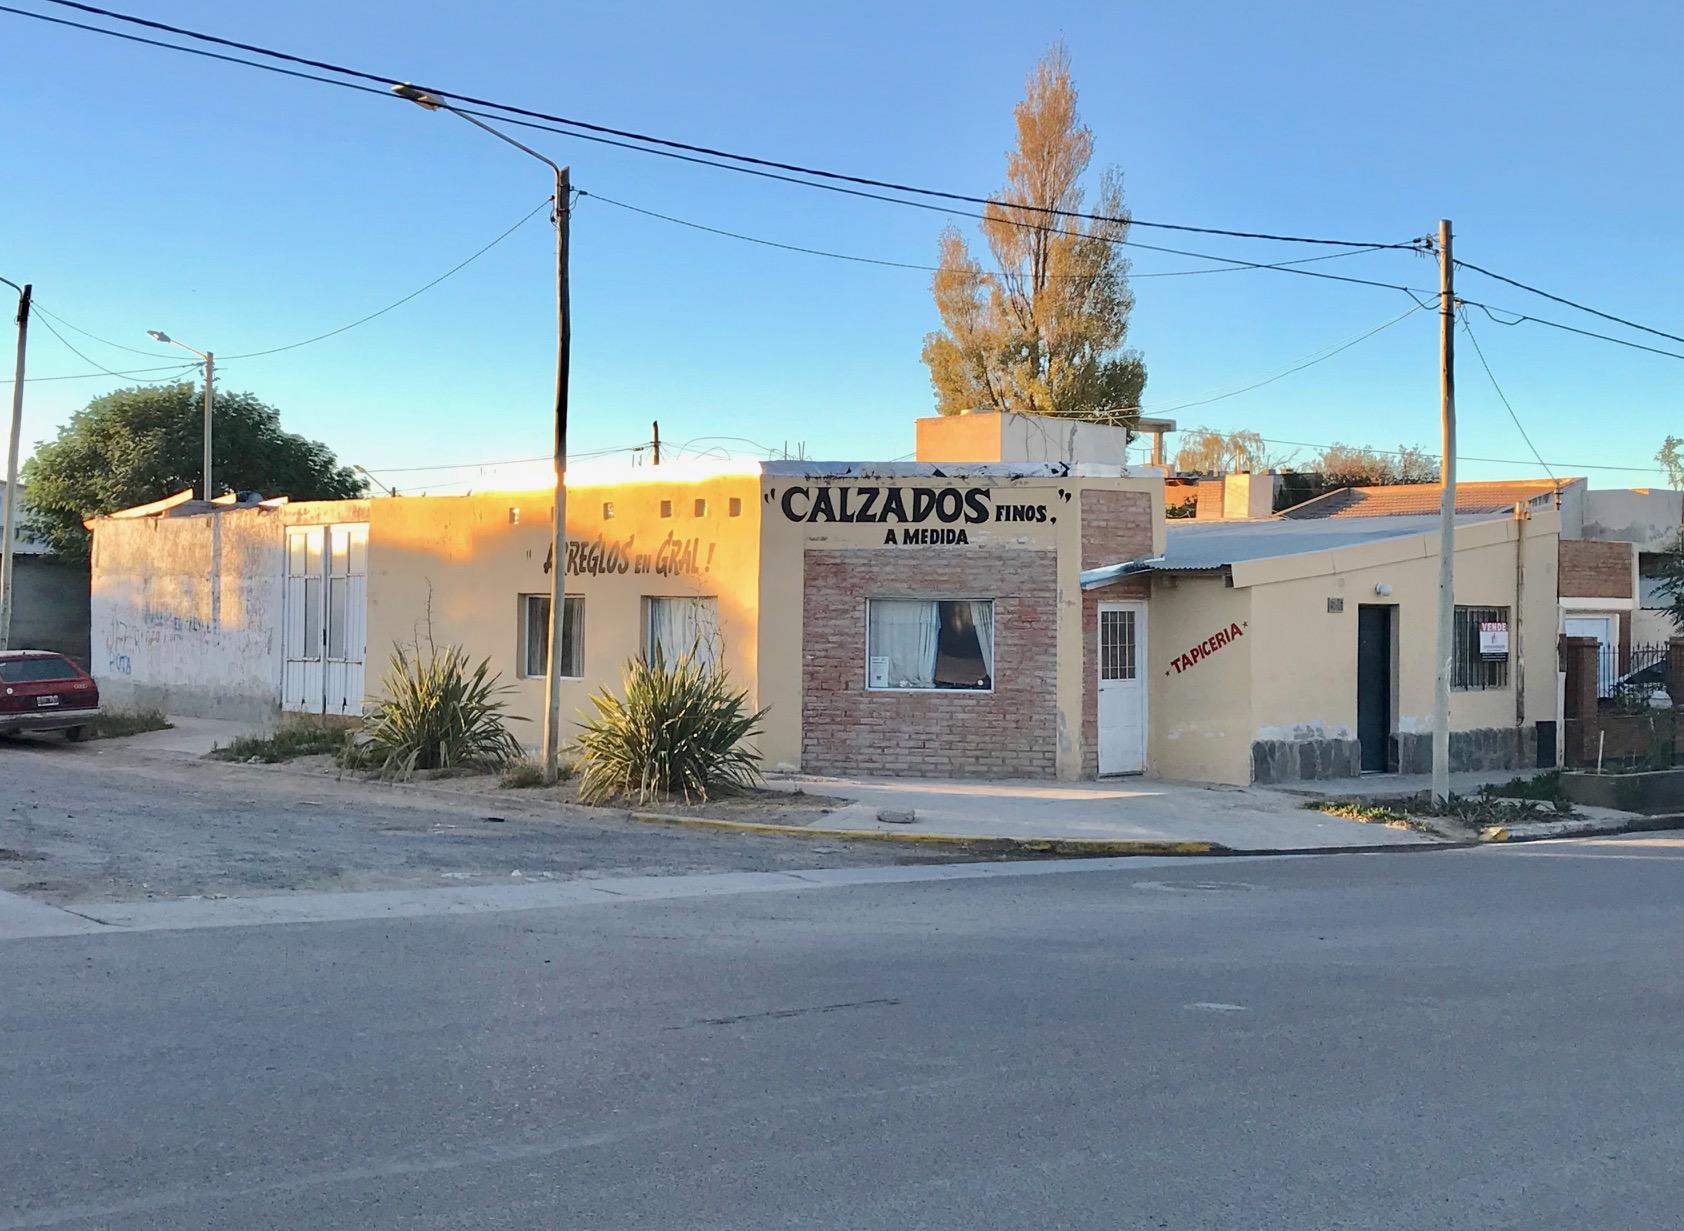 Se vende vivienda, local y ampliación – Dorrego 1223